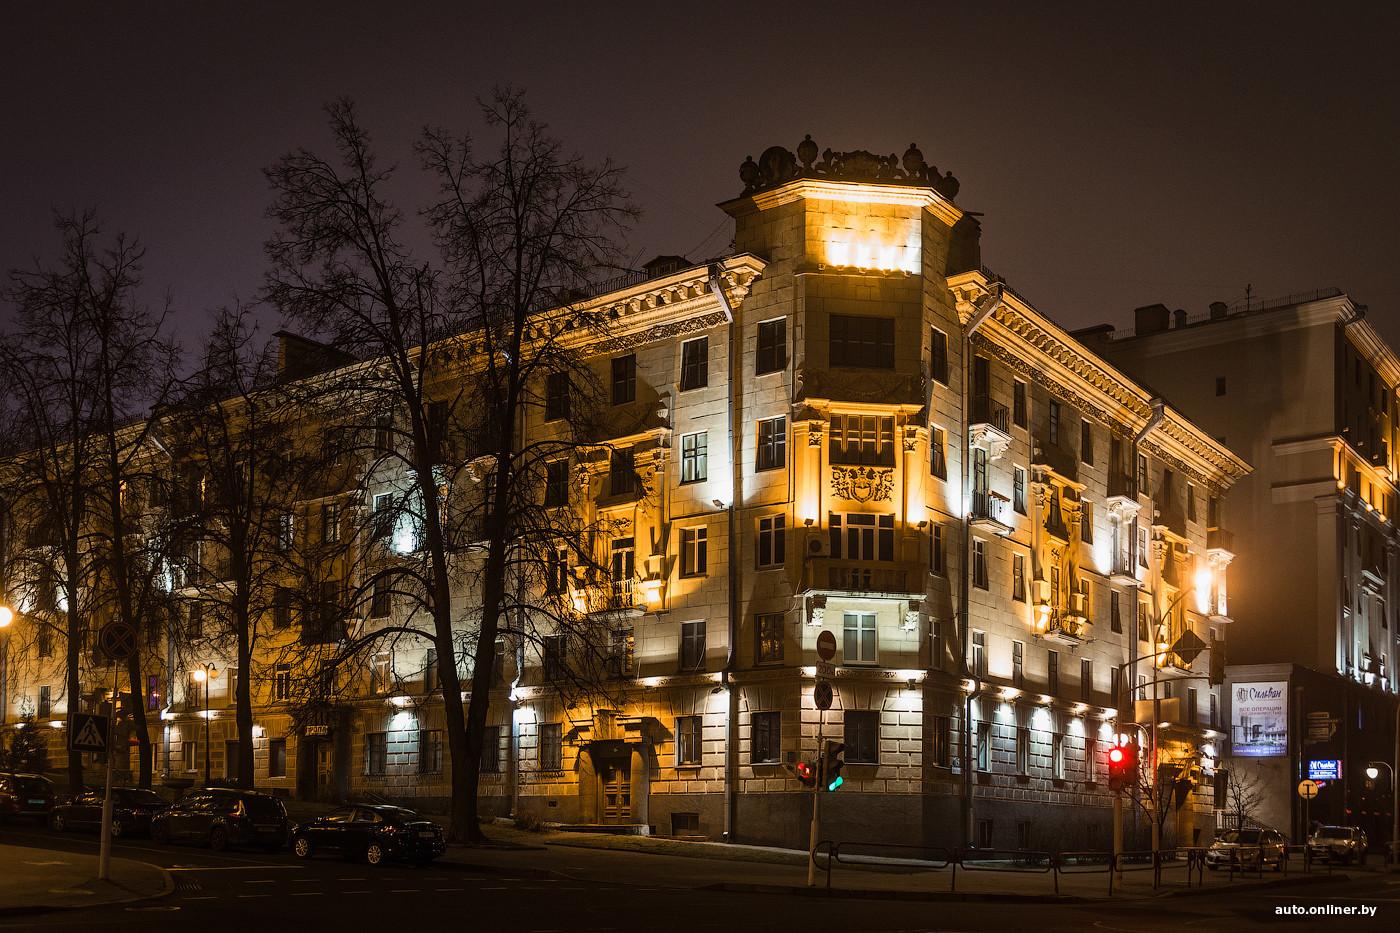 Проститутки почасовая оплата Троицкий просп. проститутка с аппартаментами Ловизский пер.